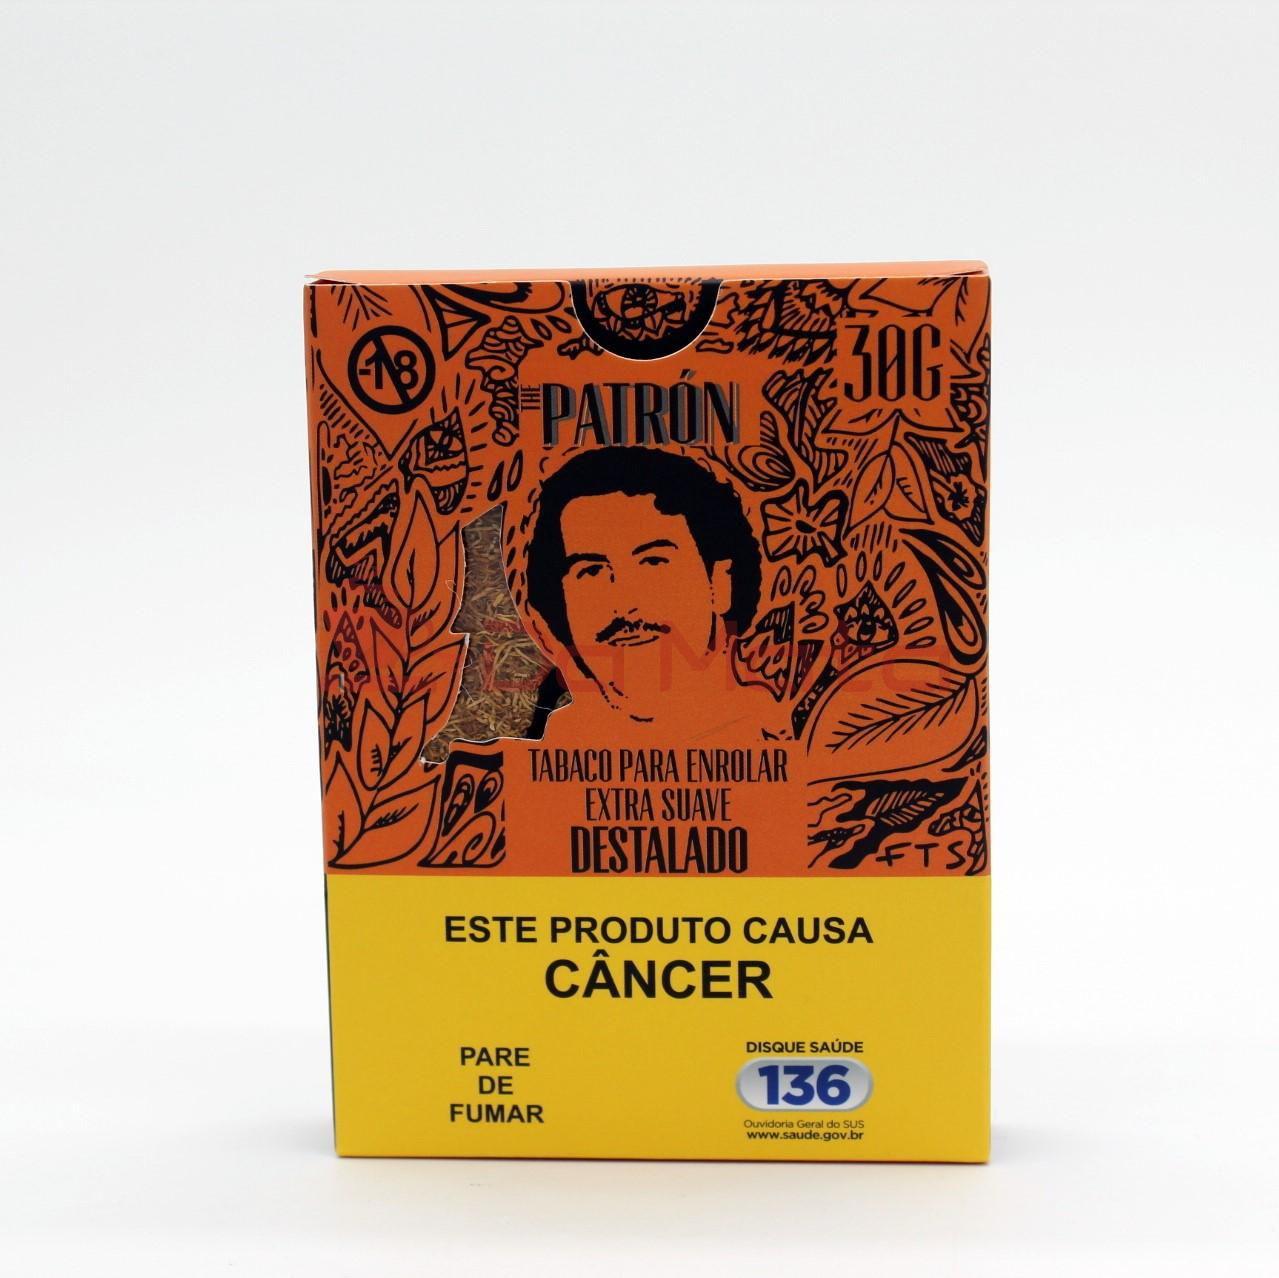 Tabaco The Patron - Destalado